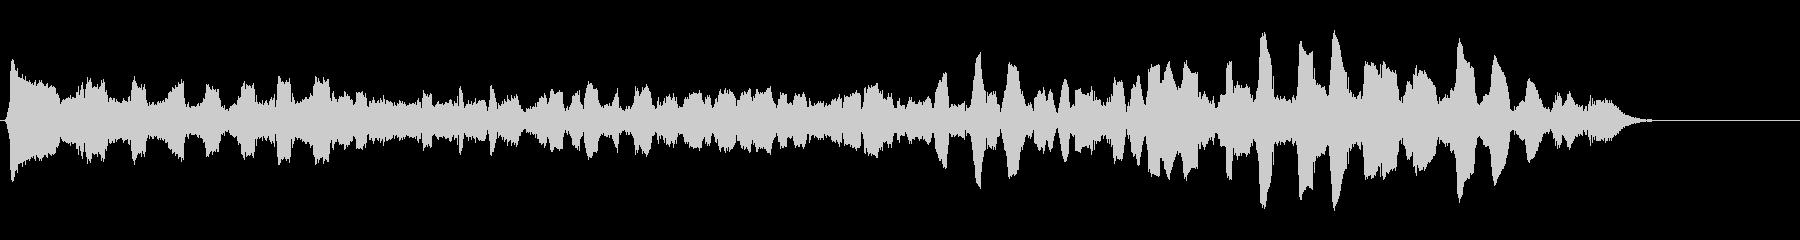 トーンビオラグリスノイジーダウンロンの未再生の波形